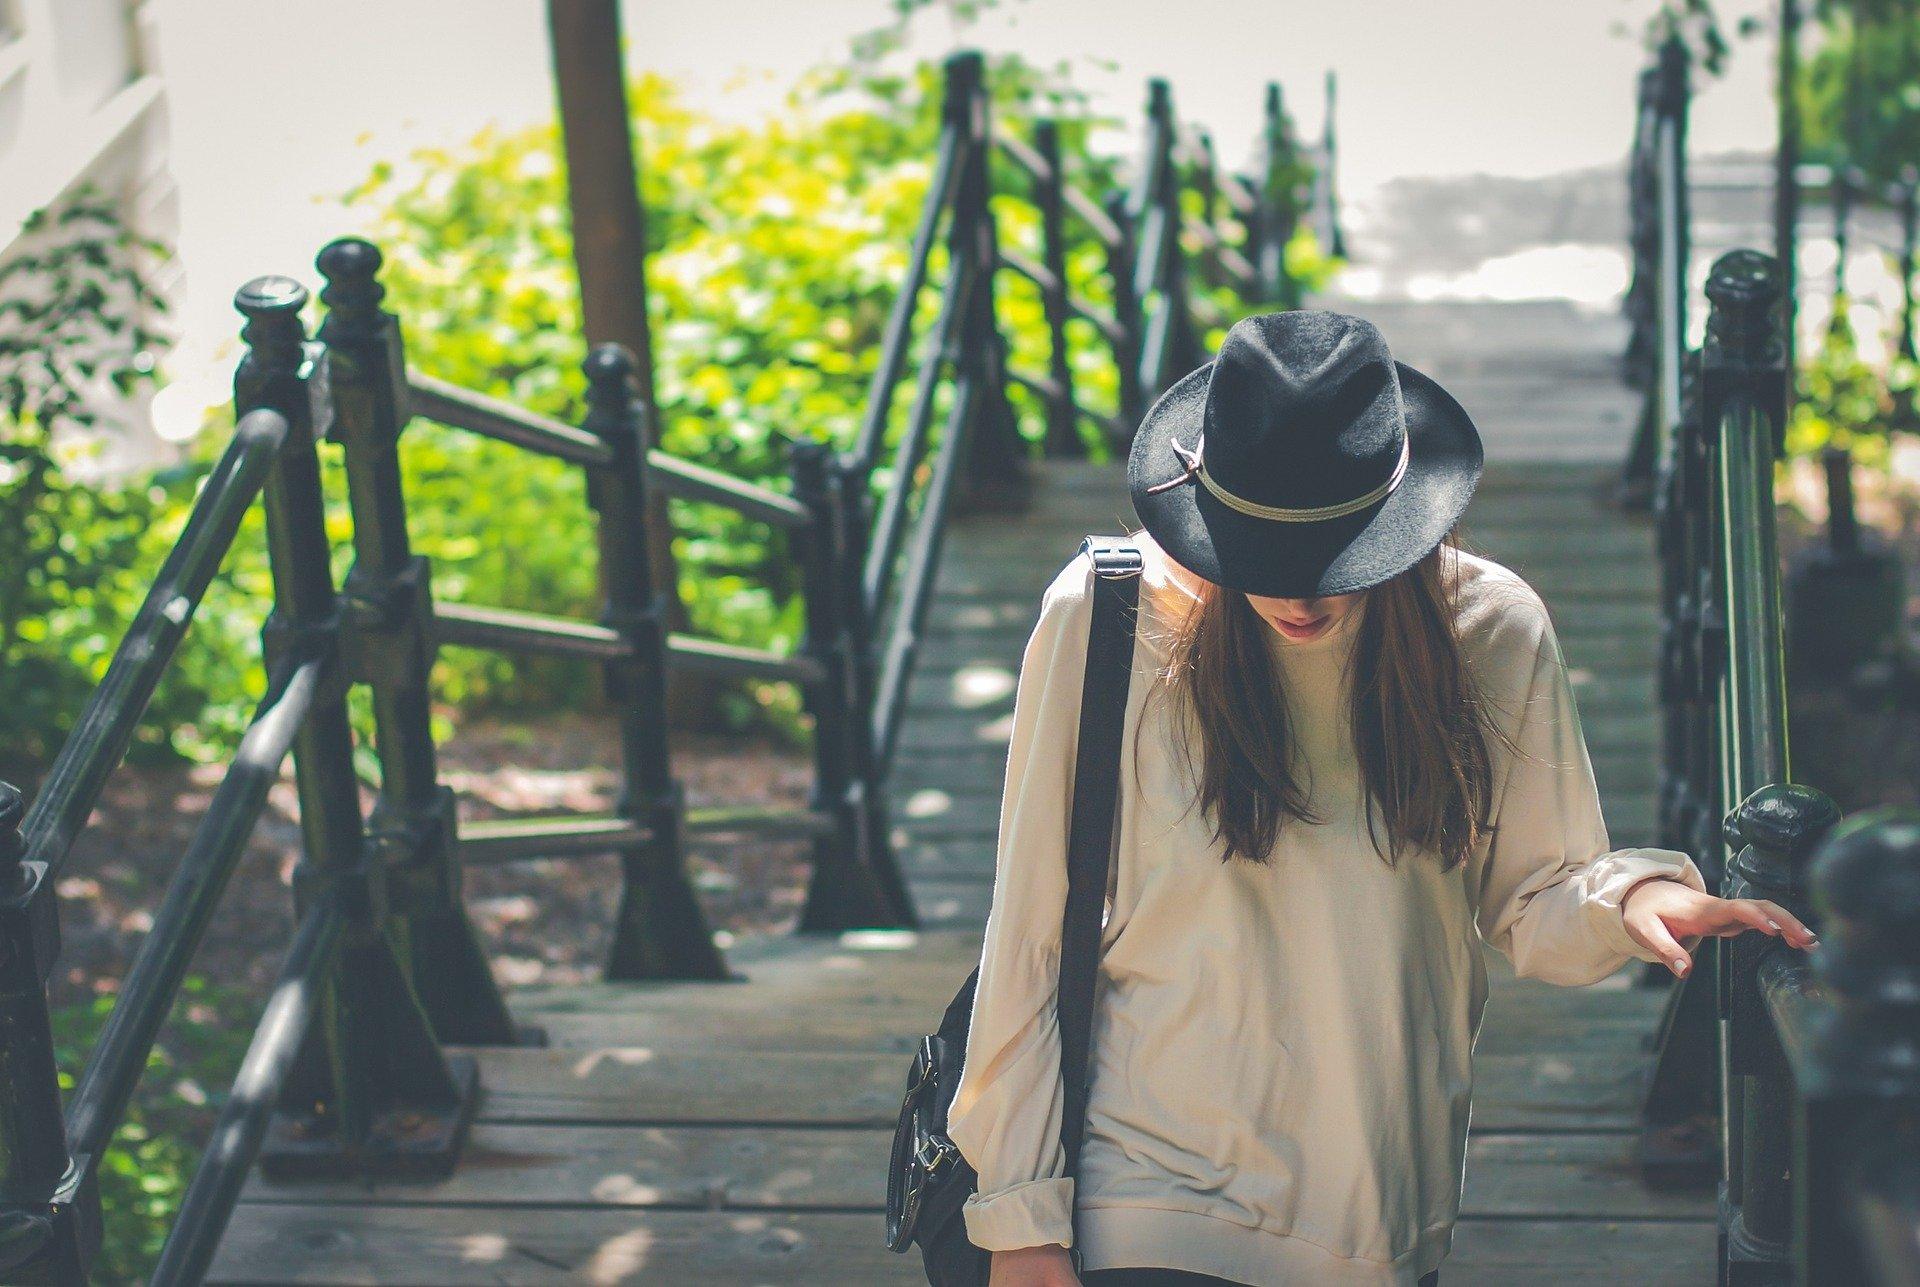 中禅寺湖の遊覧船へのアクセス